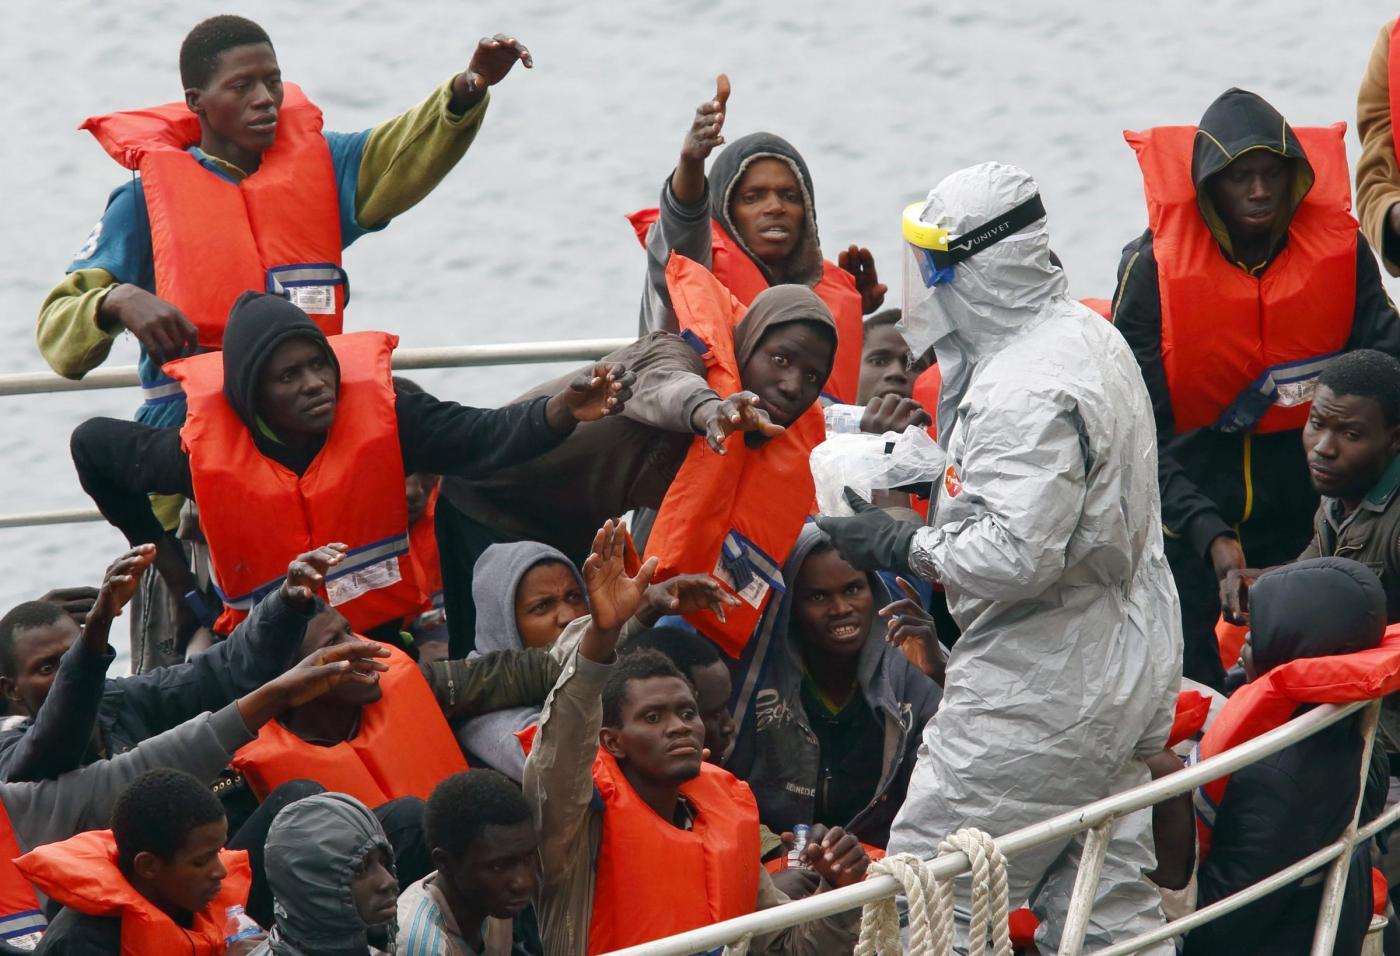 stragi di migranti